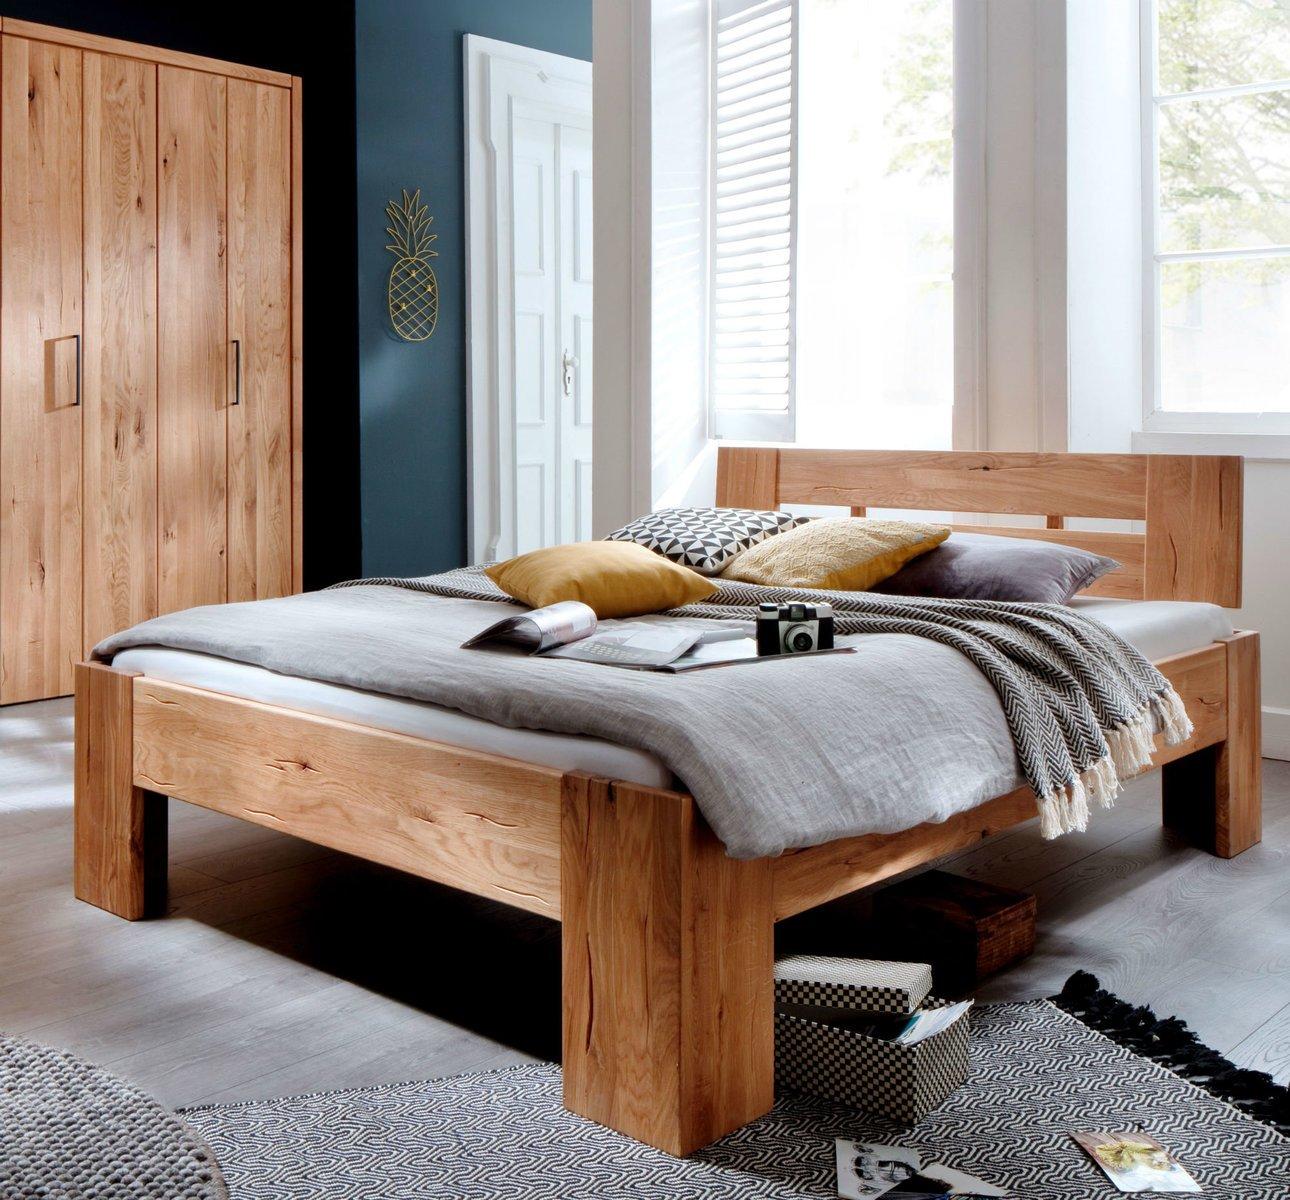 Schlafzimmer Doppelbett Wildeiche Massivholz Rödemis III